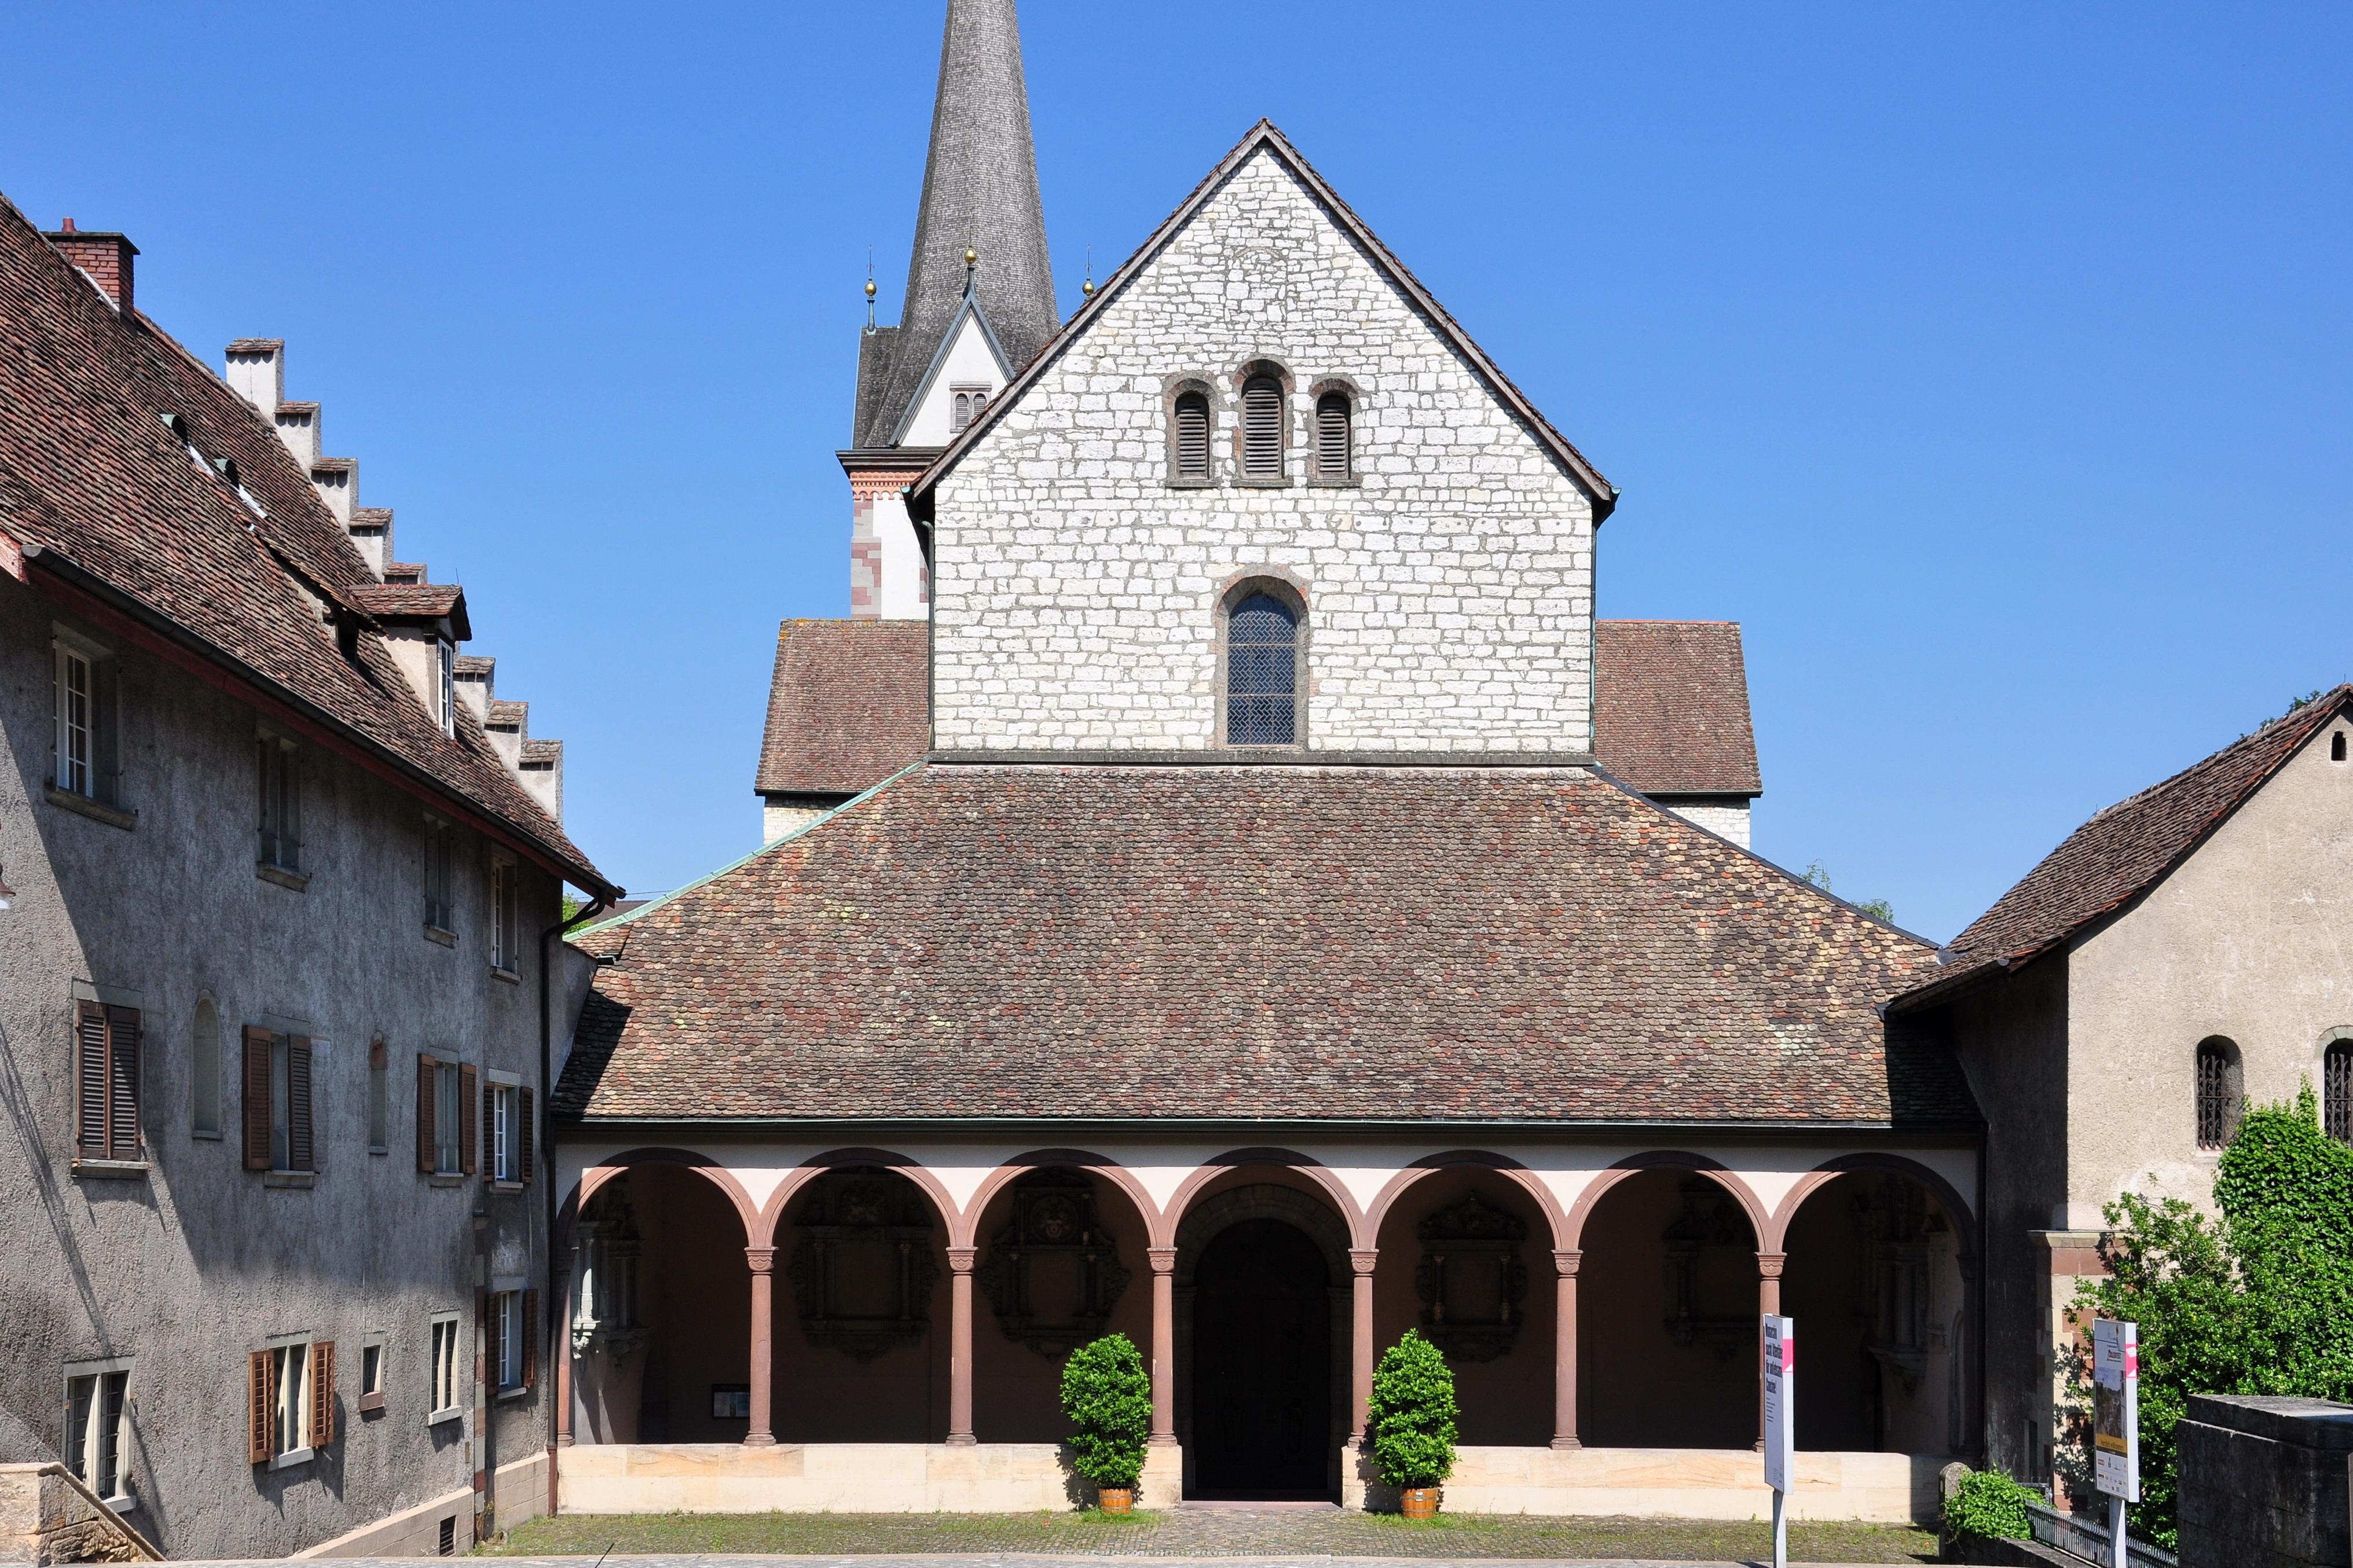 File:Schaffhausen - Kloster Allerheiligen IMG 2690.jpg - Wikimedia Commons